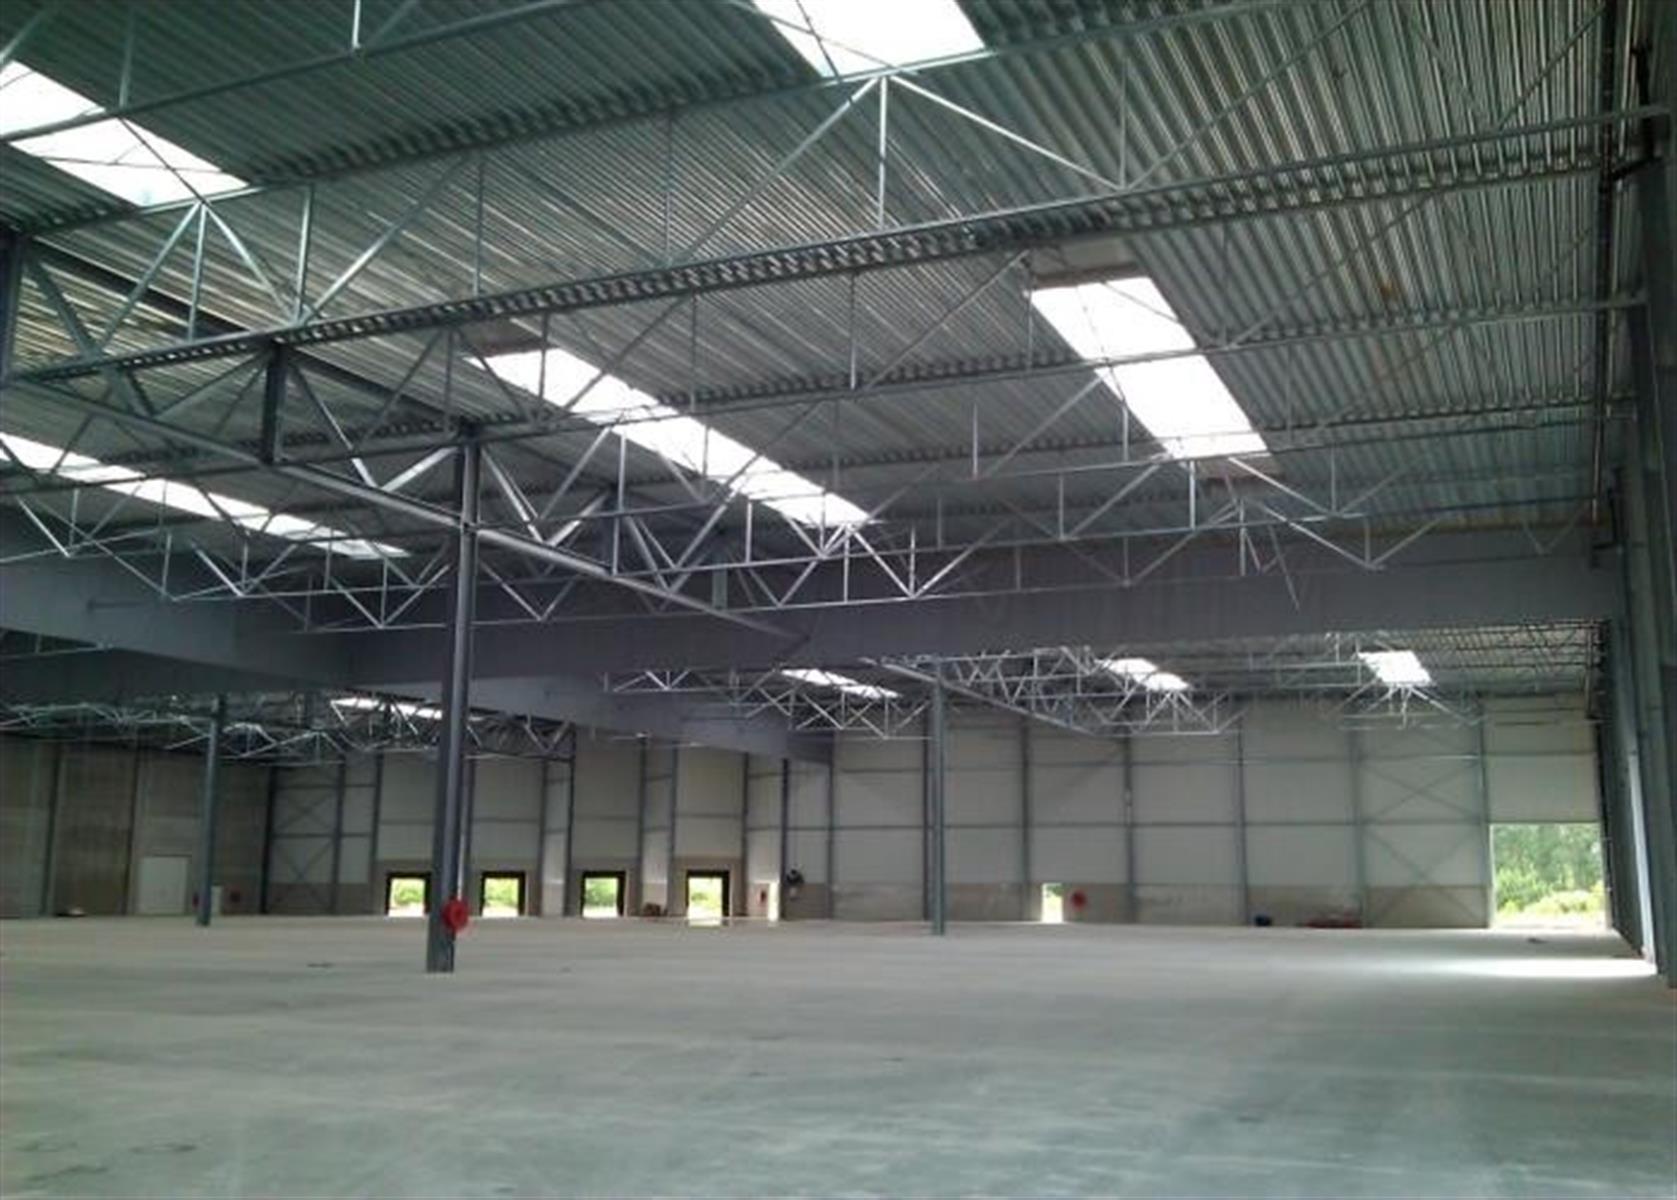 opslagplaats te huur UNIT 8B - Industrieweg 34, 2280 Grobbendonk, België 16